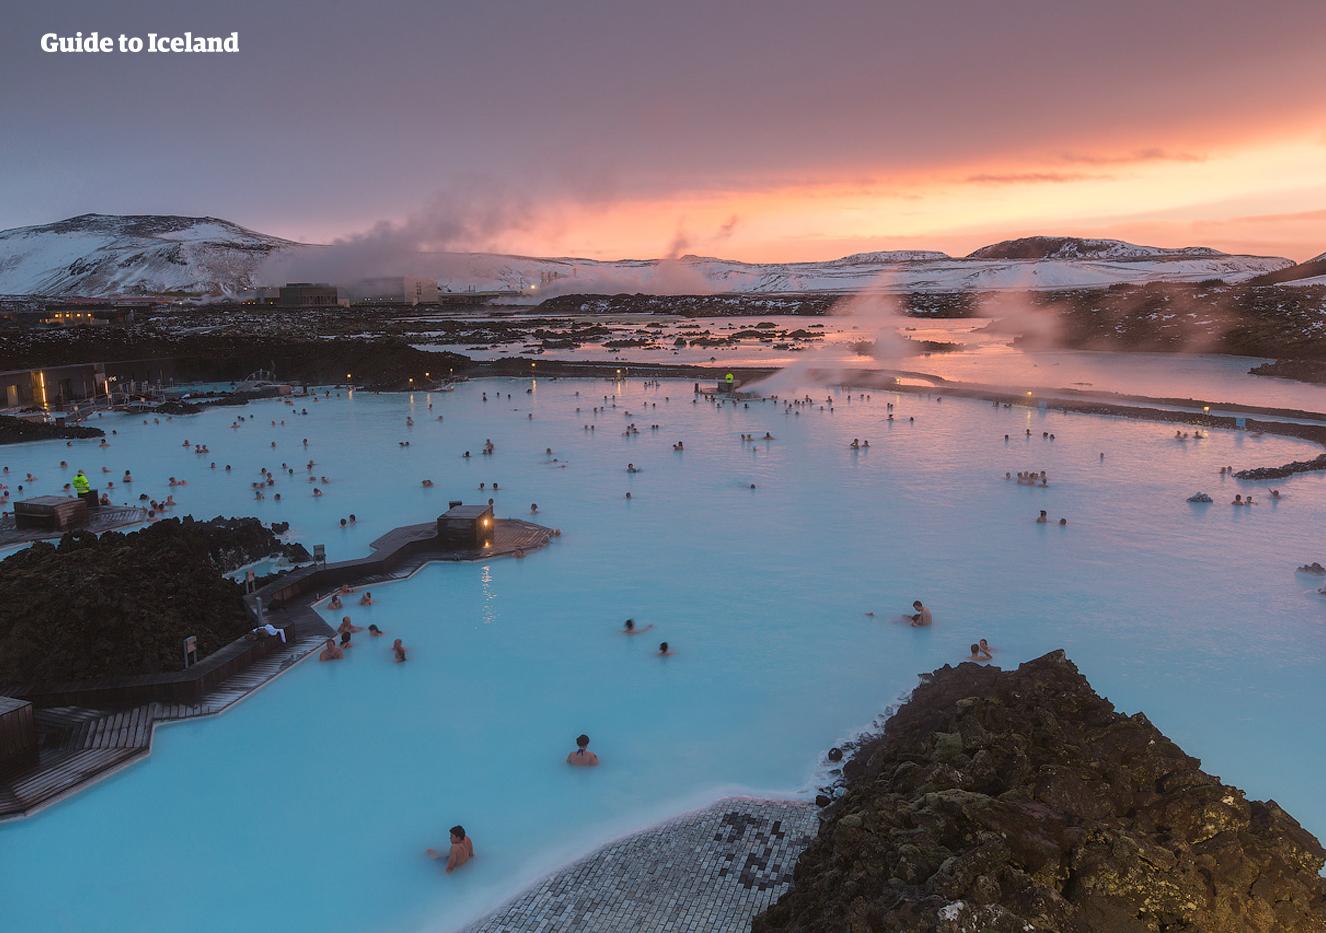 De Blue Lagoon is de ideale plek om heerlijk te ontspannen voor een lange vlucht en na een lange vakantie.